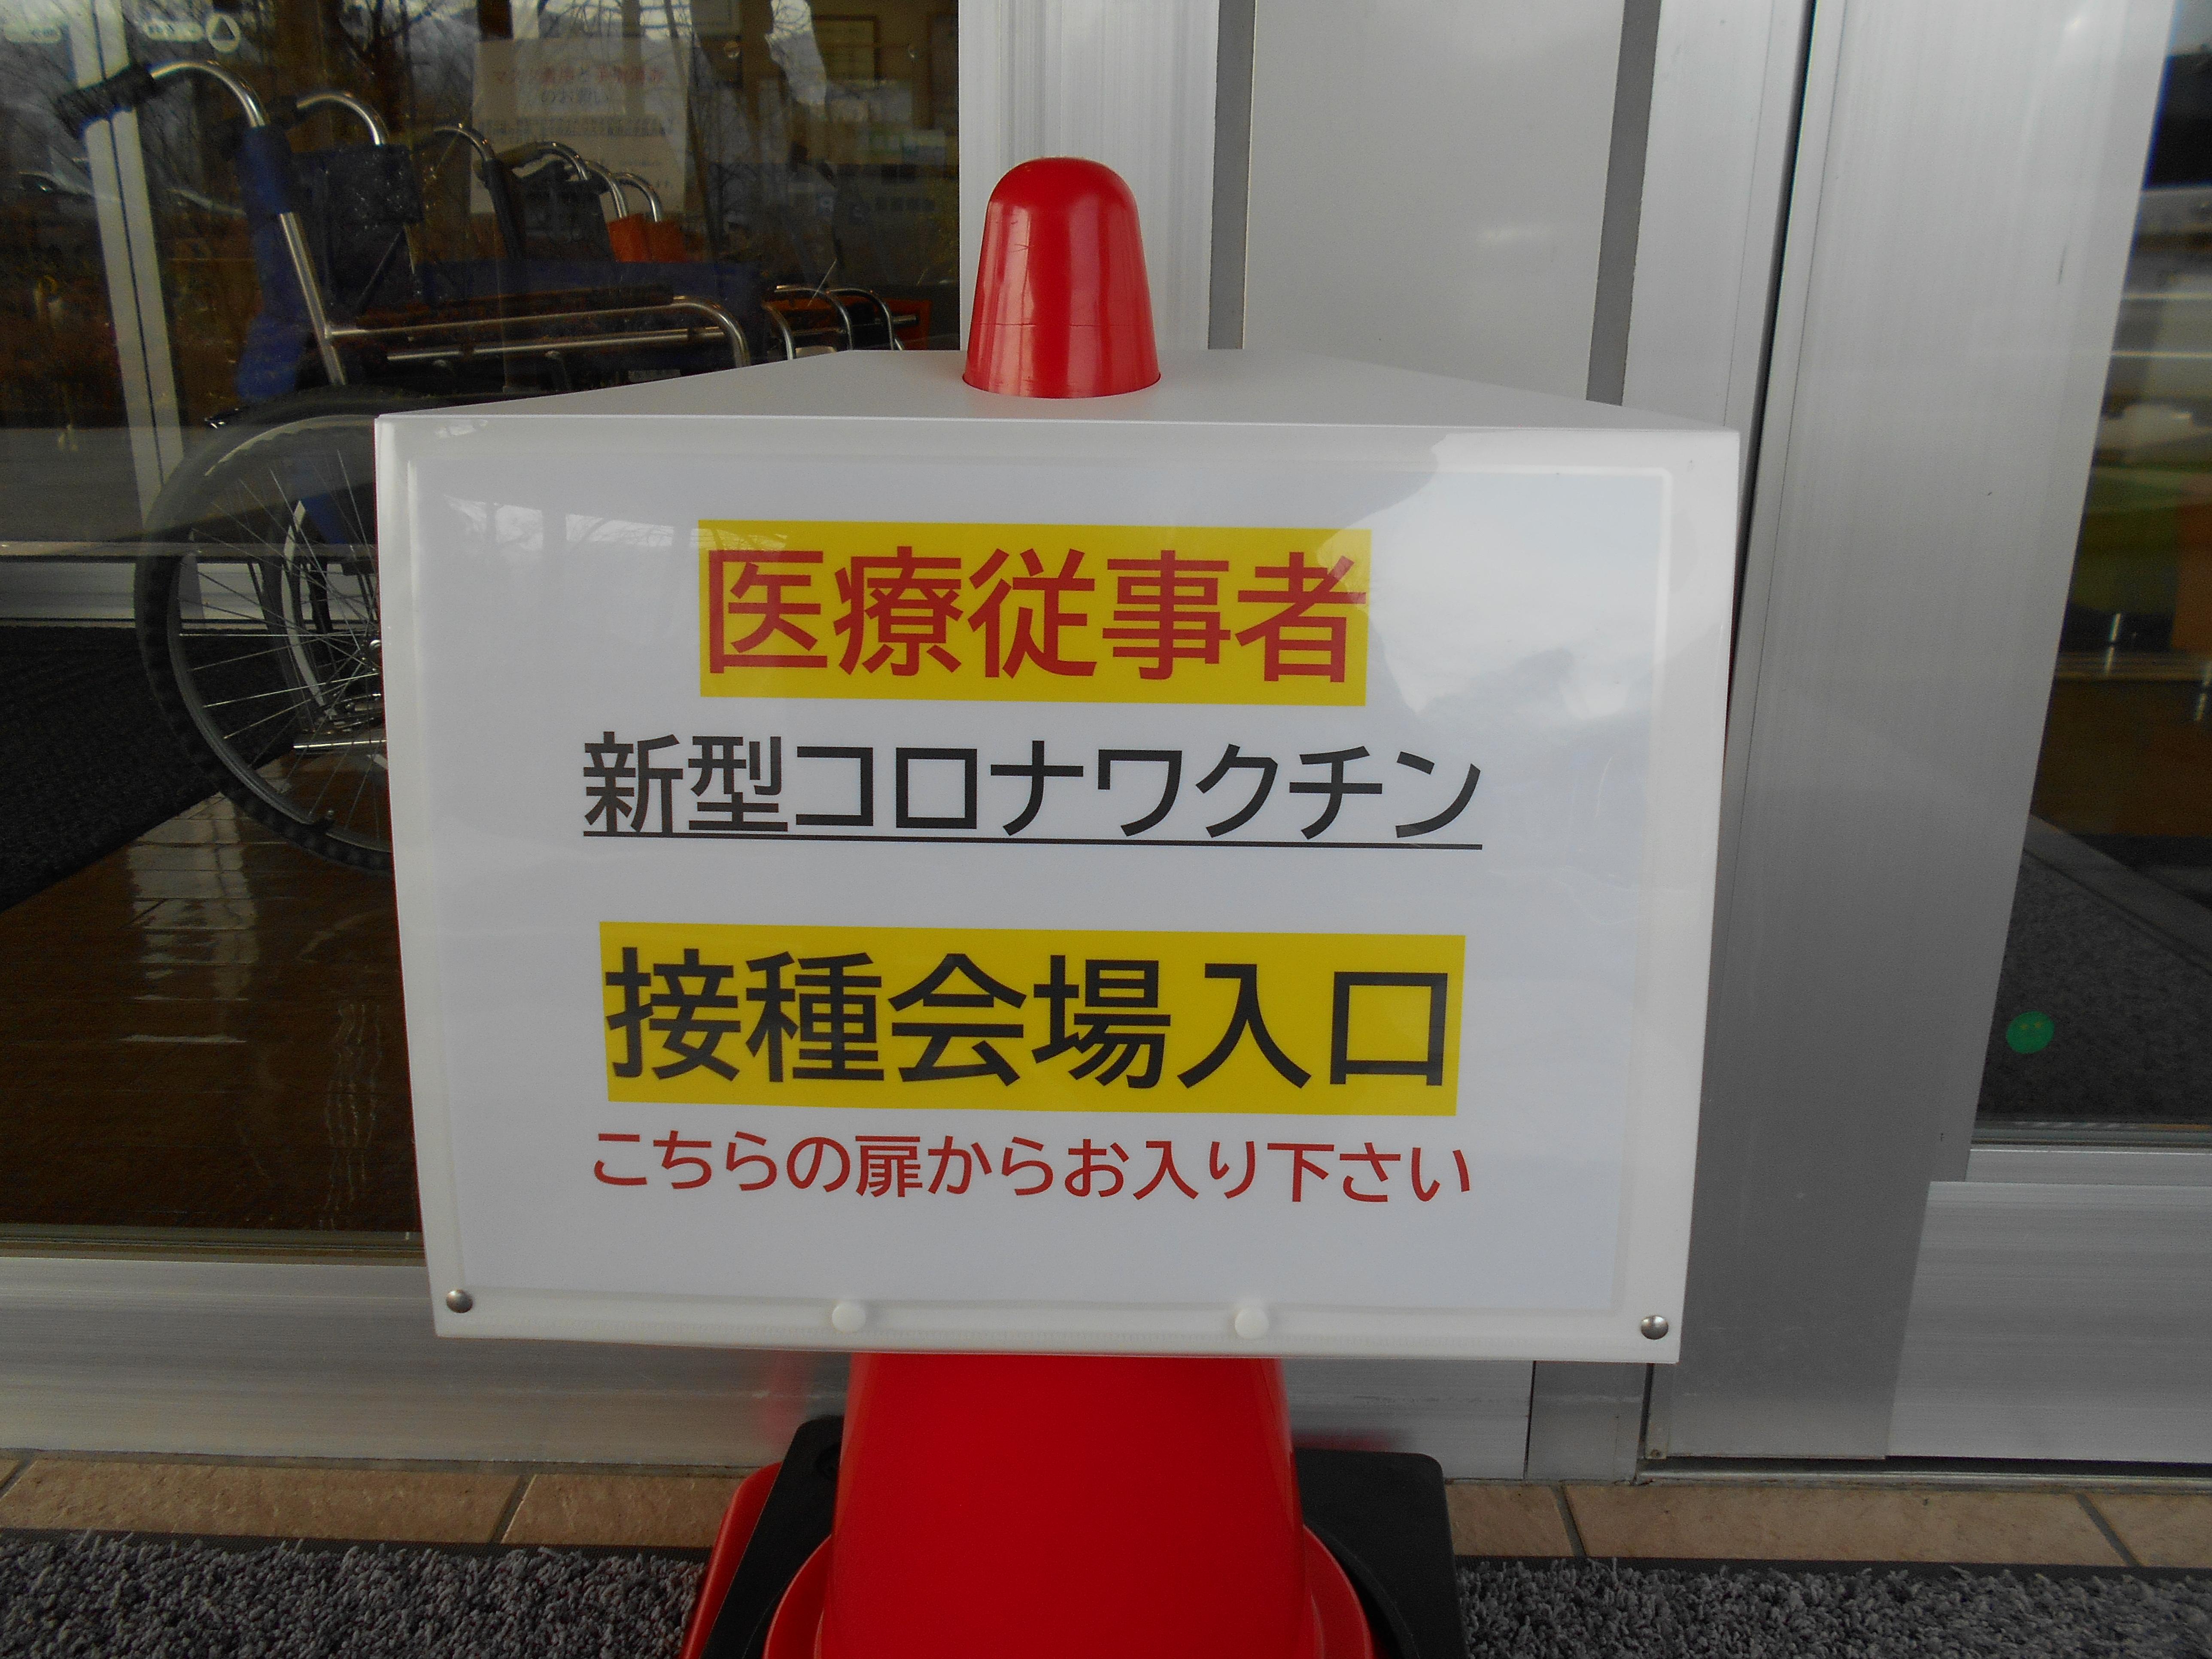 https://www.chichibu-med.jp/news/DSCN3253.JPG